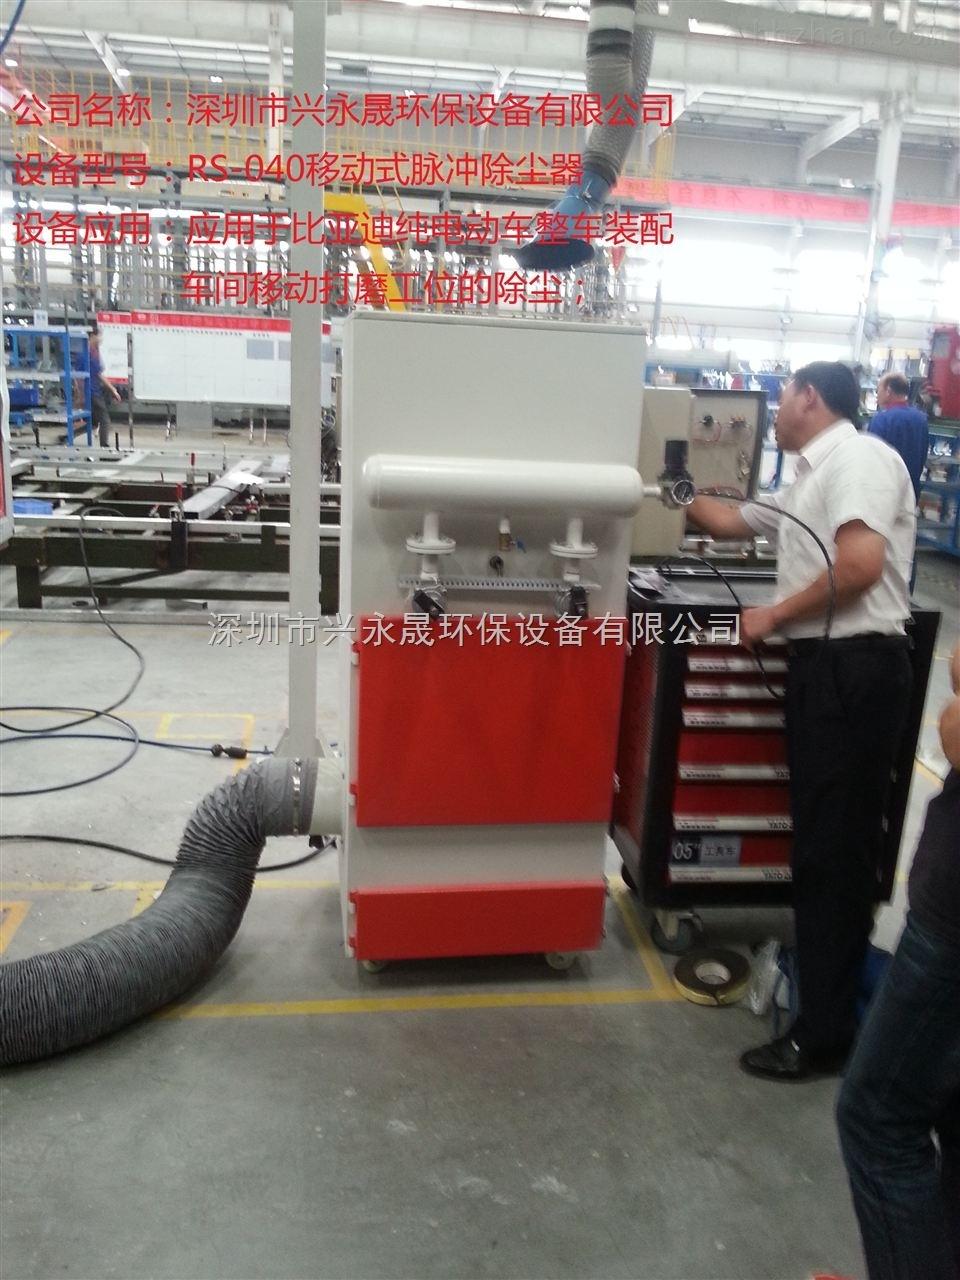 型号:RS040-LD RS040-LD系列滤袋型除尘器由进风管、排风管、箱体、灰斗、清灰装置、滤袋及电控装置组成。是一种处理各类性质粉尘的大风量高效除尘器,安装简单,保养维护容易,可持续进行强劲集尘,省电省力。 滤袋在滤袋除尘器设备中的布置很重要,滤袋可以重置在箱体的花板上,用螺栓固定,并有像胶垫,下部分为过滤室,上部分为净气室,滤袋除了用螺栓固定外,更方便的方法是自动锁紧装置和橡胶装置。这两种方法对安装和维修都十分方便。 布袋脉冲除尘器工作原理: 当含尘气体进入滤袋除尘器后,由于气流端面的突然扩大及气